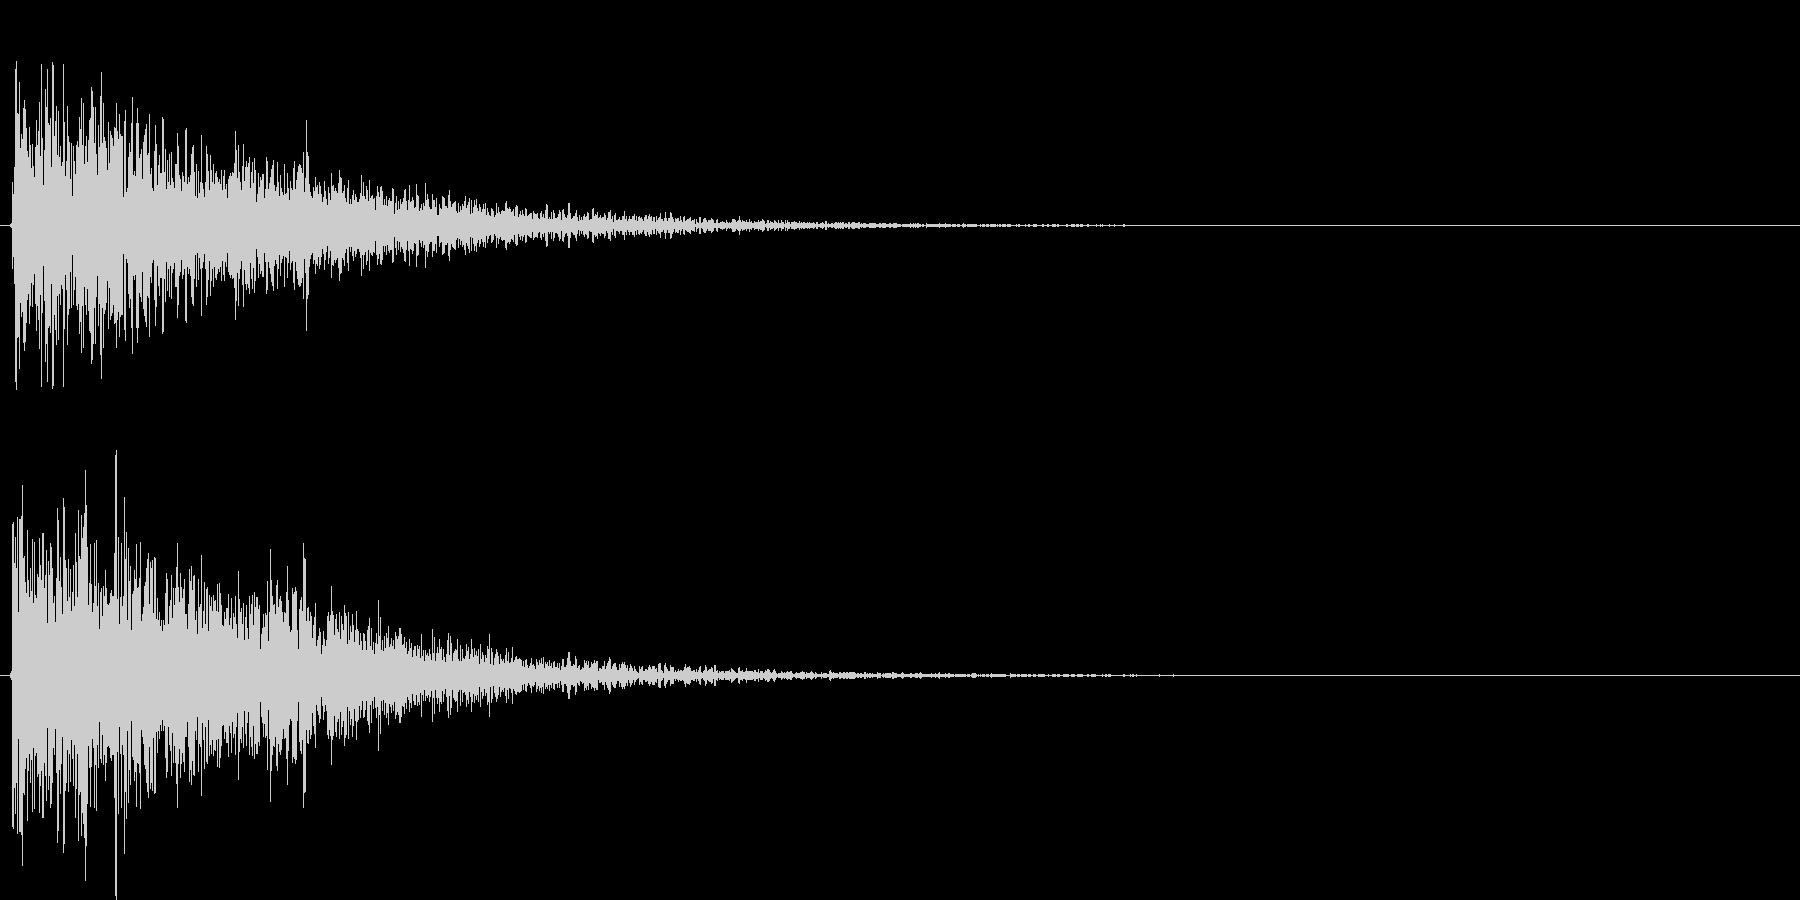 爆発もしくは衝突した時の音です。様々な…の未再生の波形